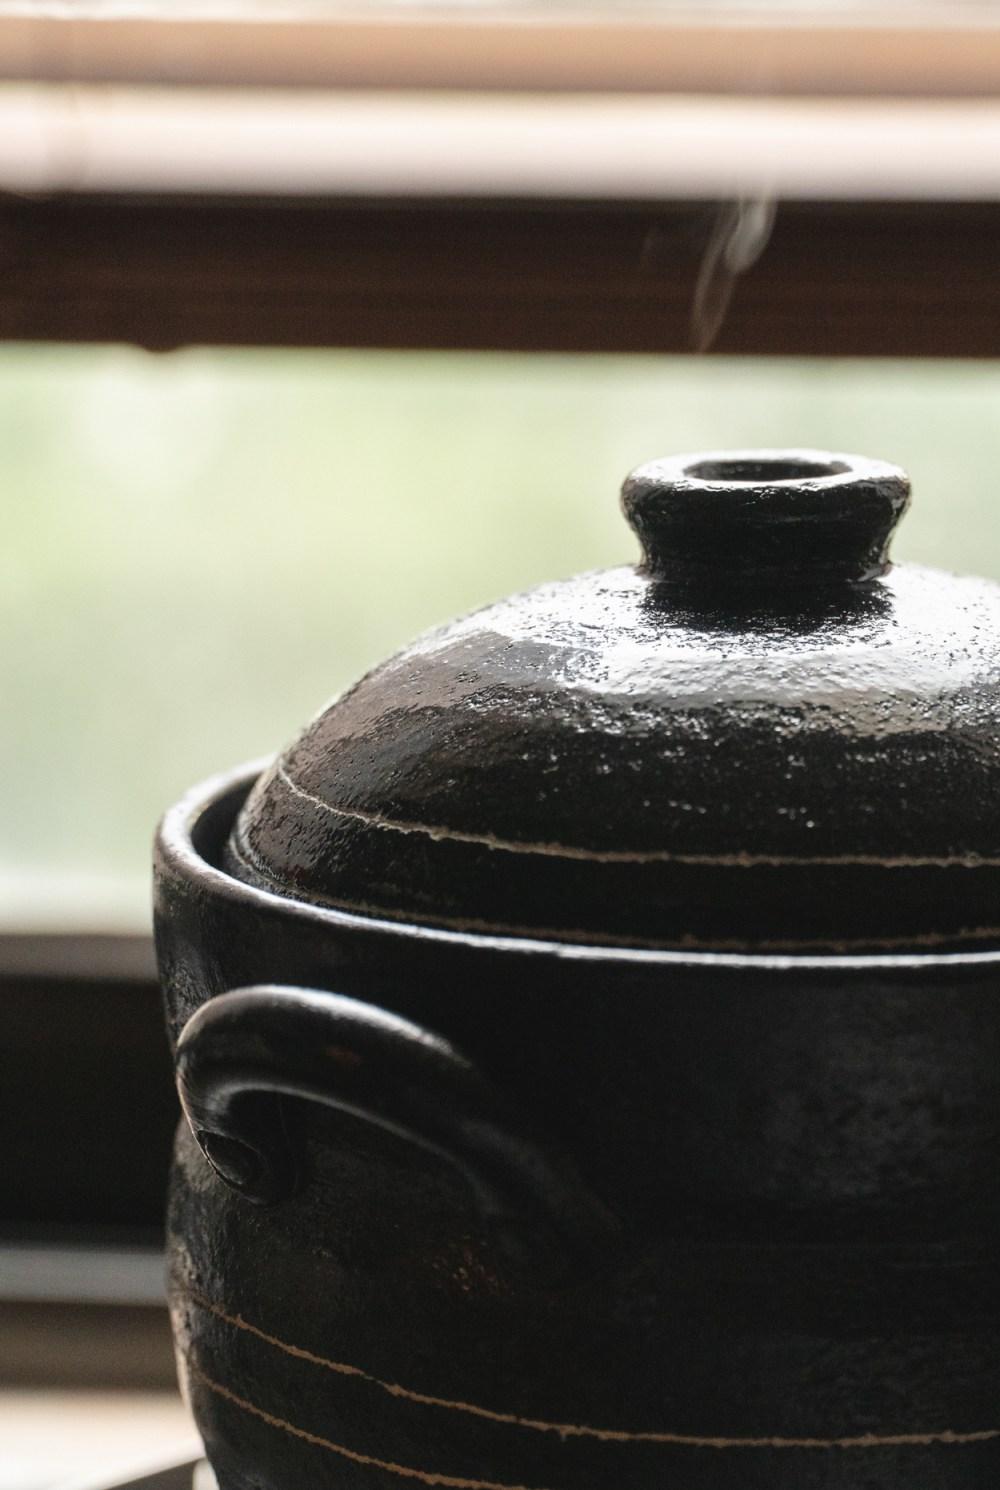 土鍋炊飯-index-2.jpg